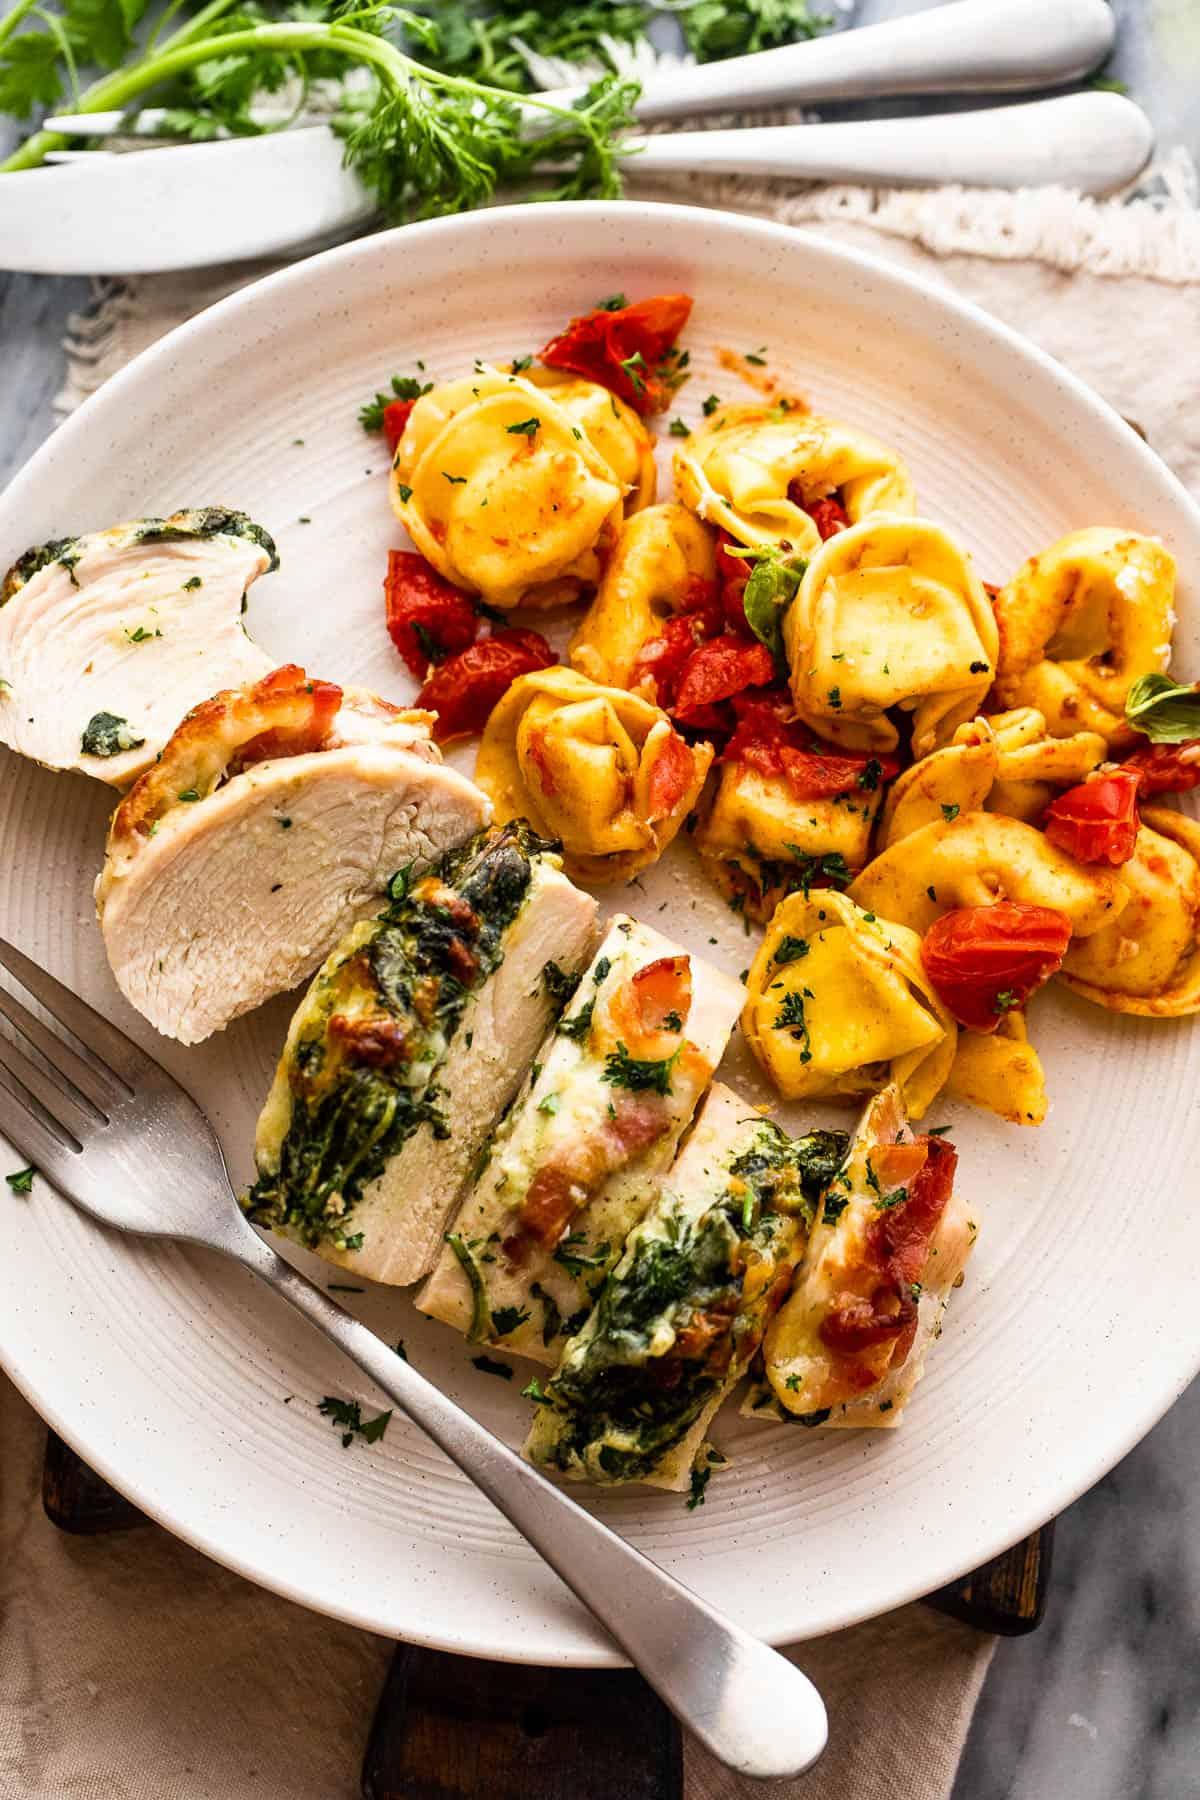 cut up stuffed chicken breast served alongside tortellini pasta